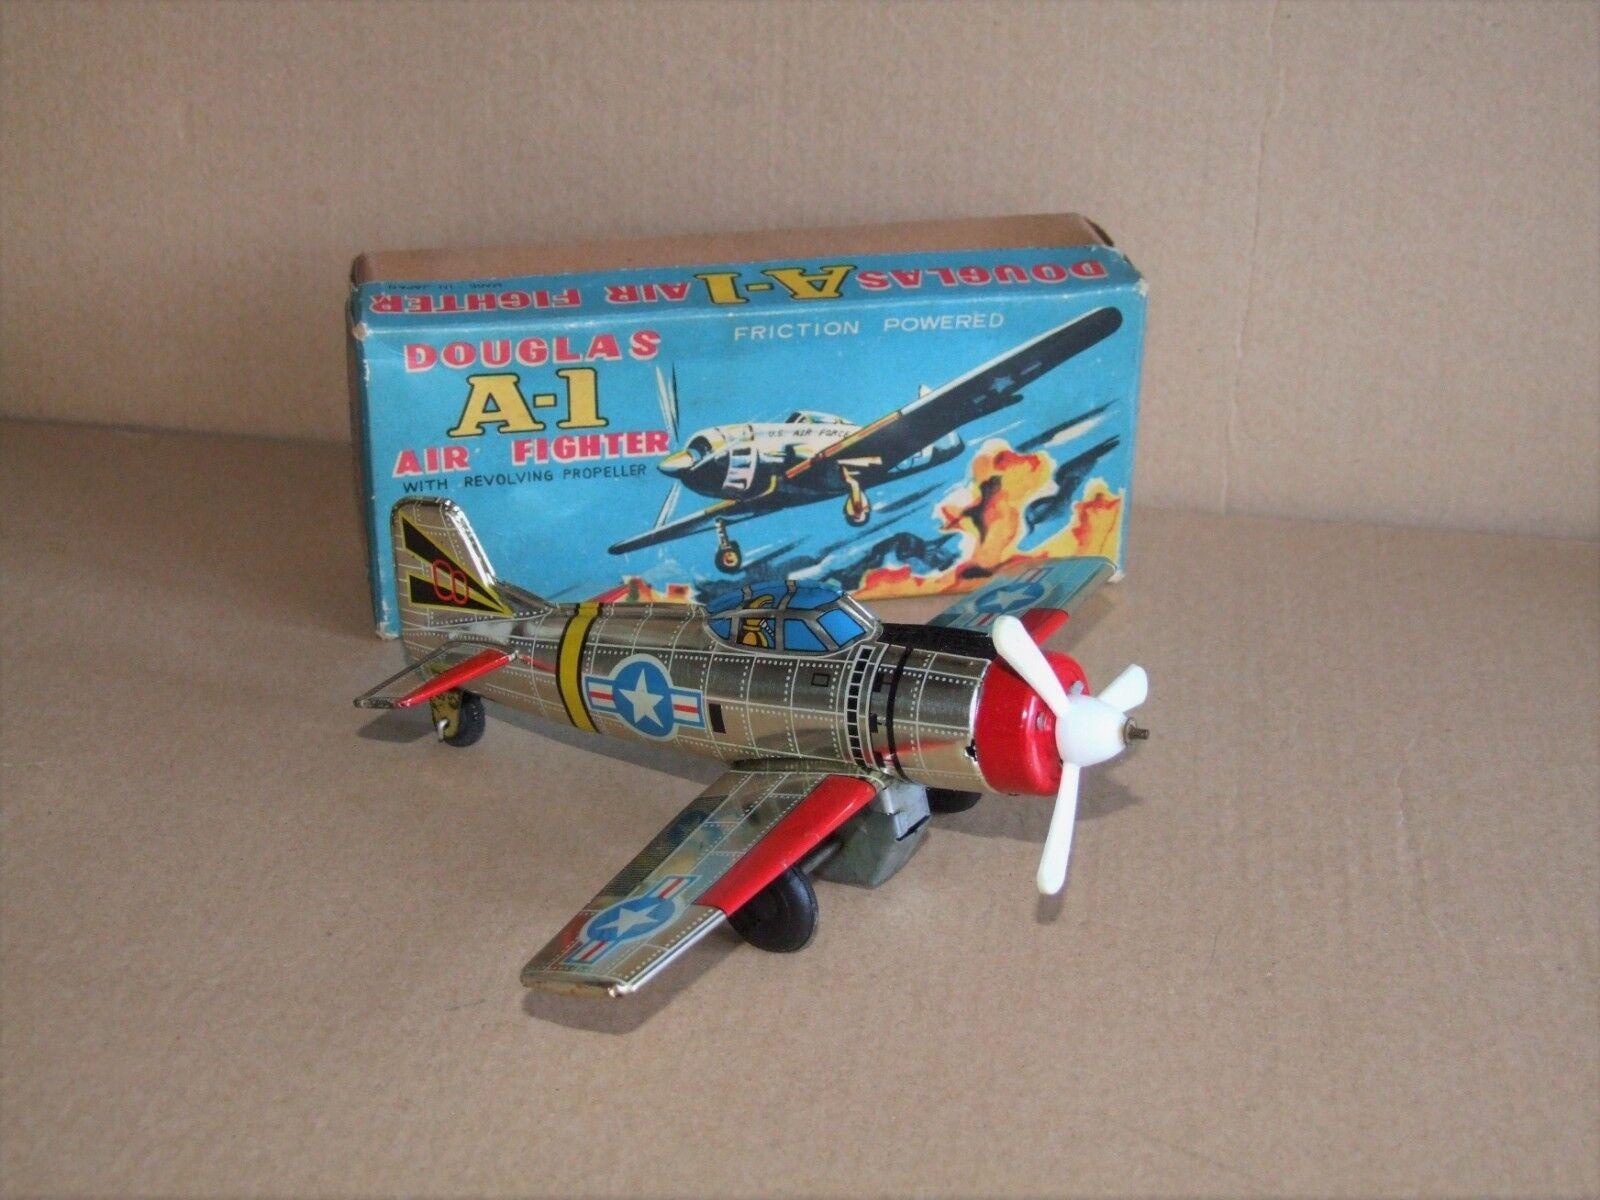 Aoshin ASC (Japón)) No.1 324 Douglas A-1 aire Fighter Raro